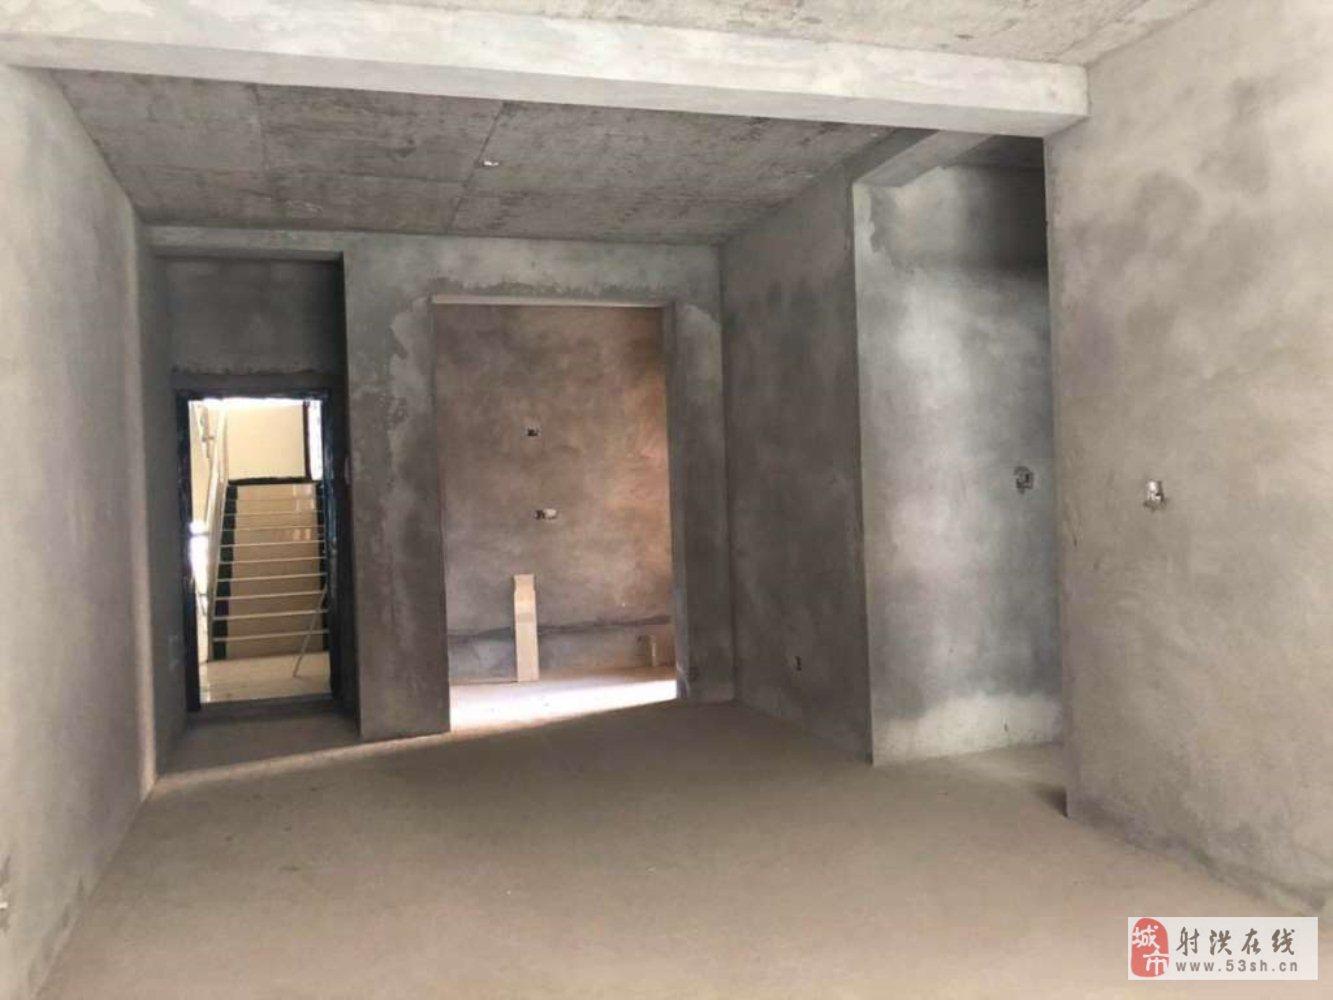 尚北新界多层金三楼,两室两厅出售